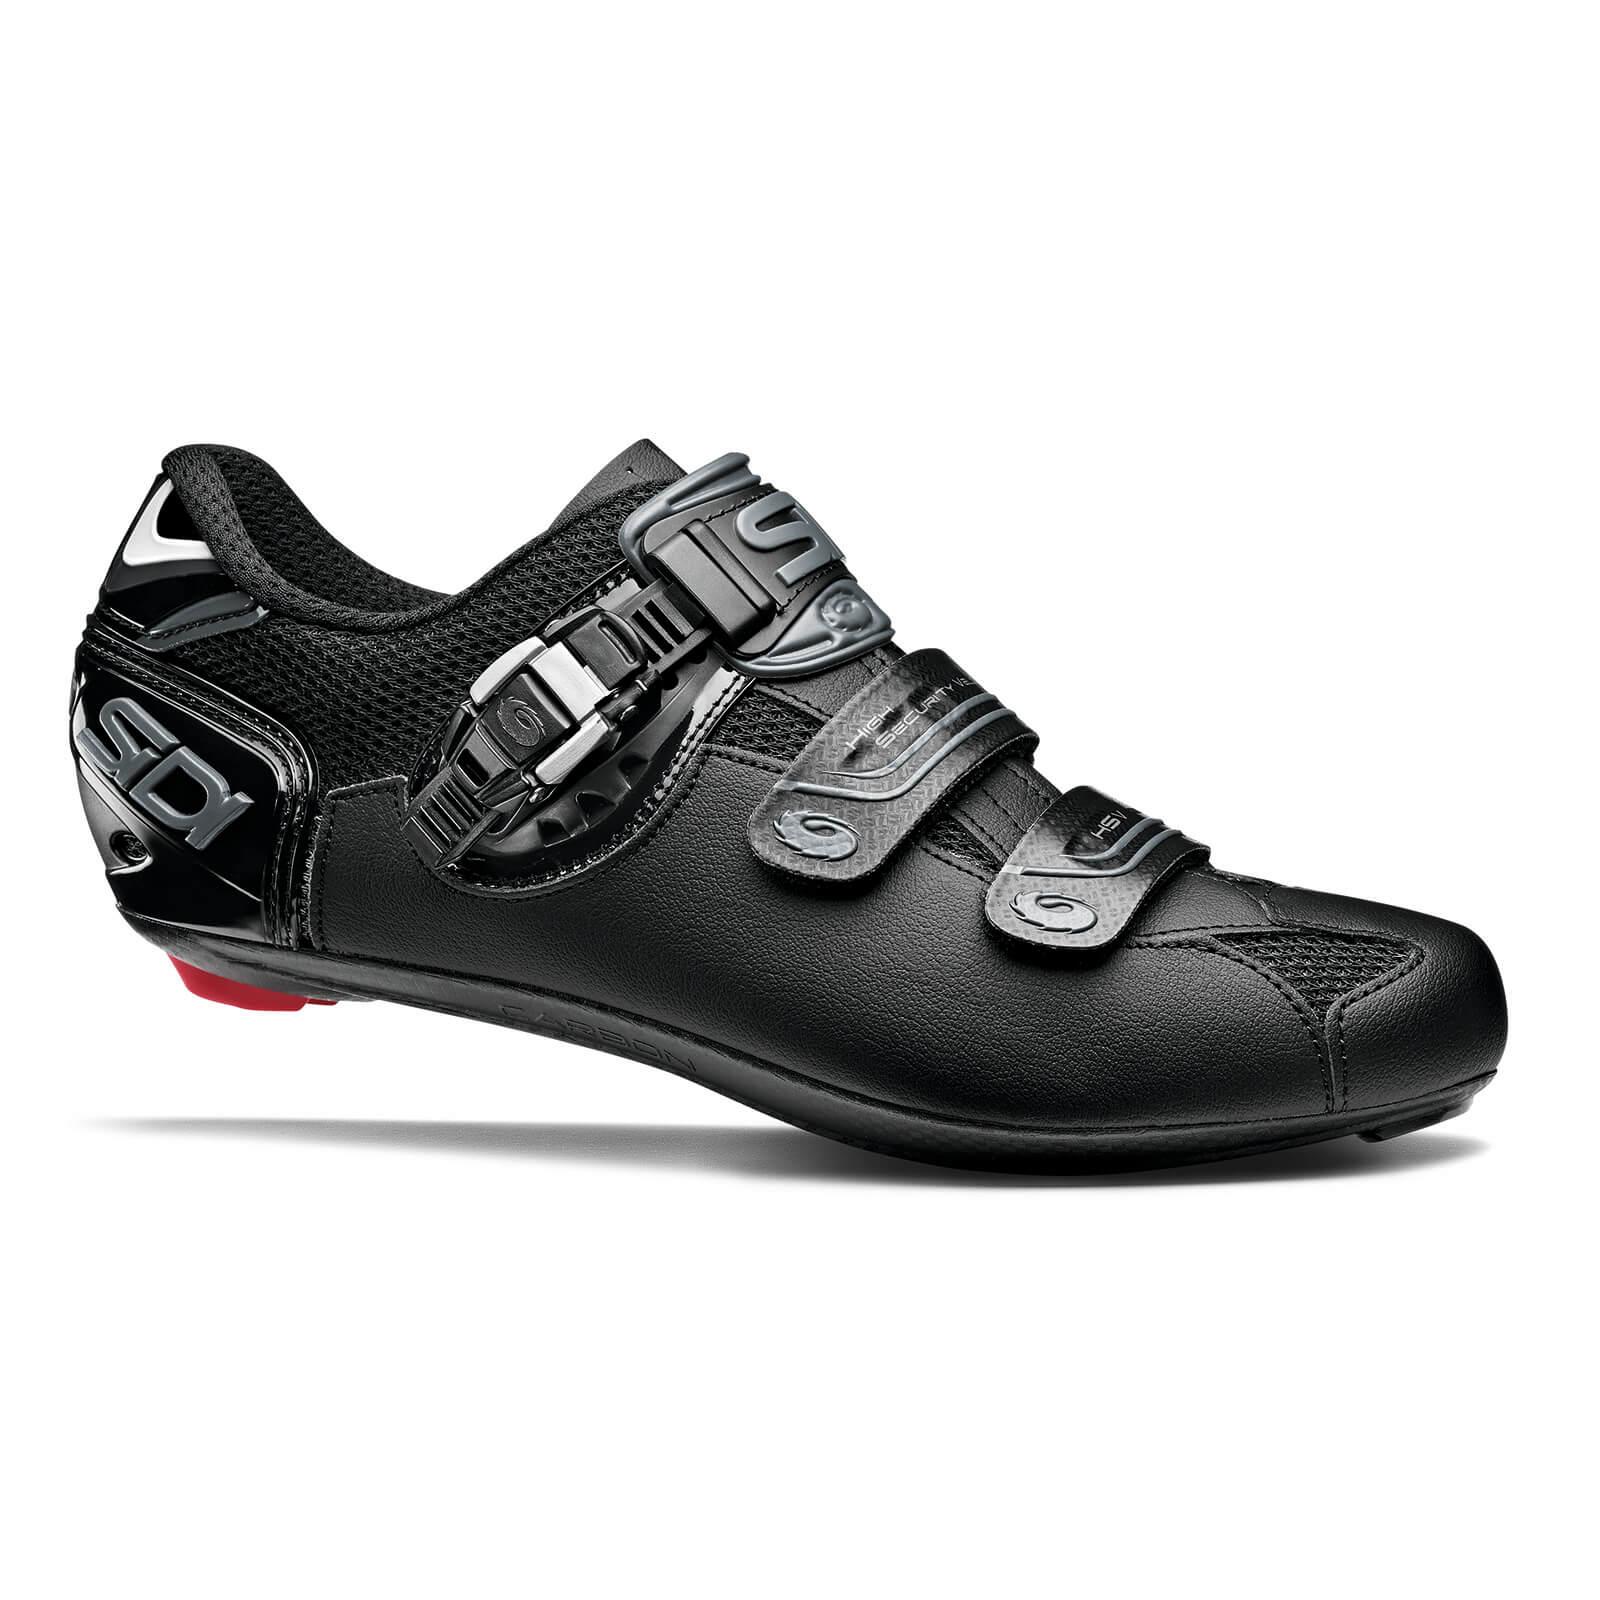 Sidi Genius 7 Road Shoes - Shadow Black - EU 44.5 - Shadow Black